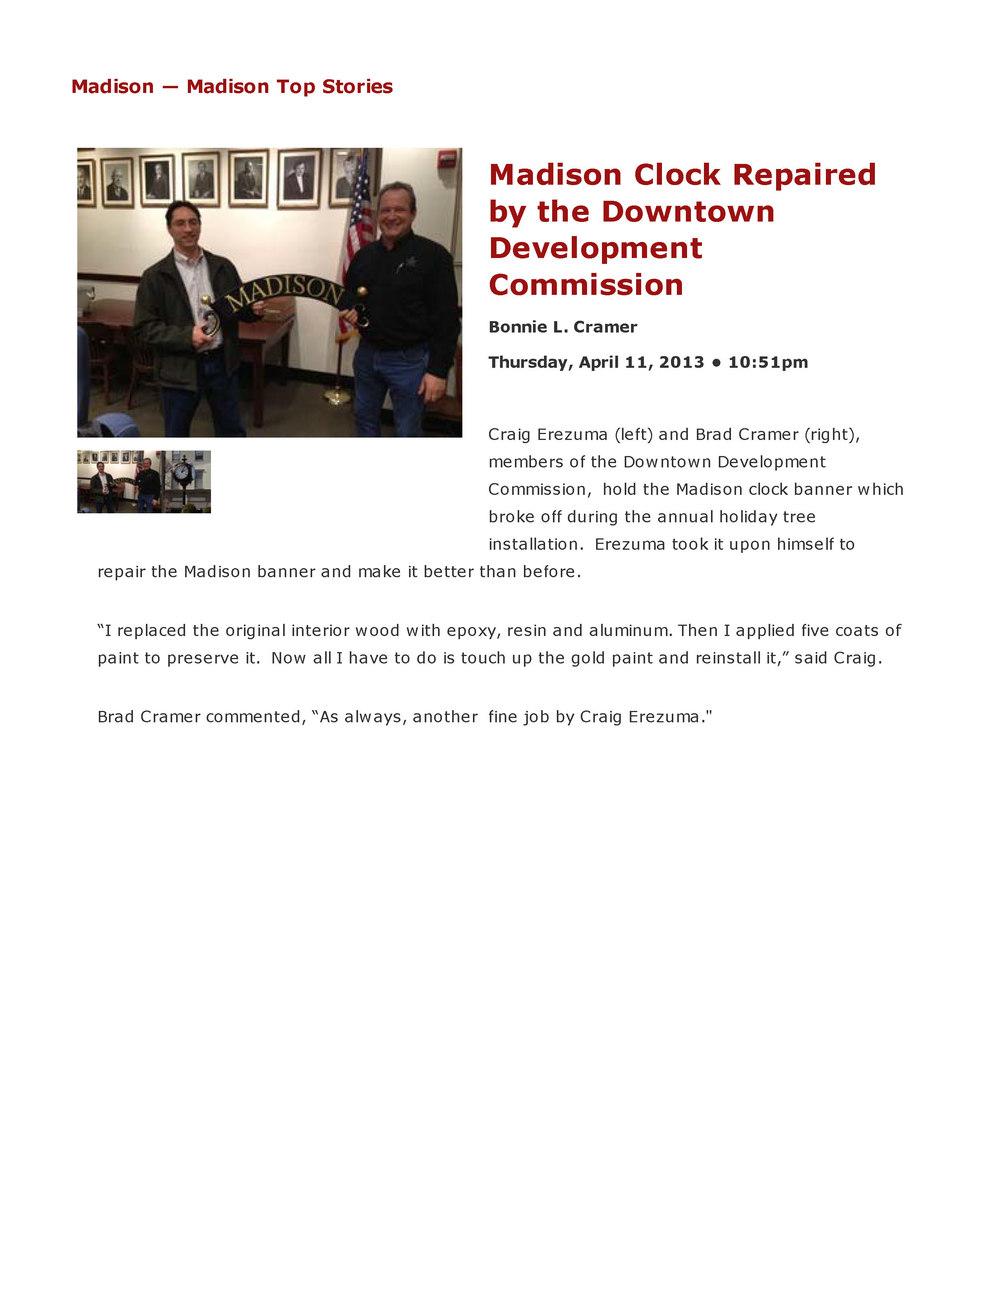 Madison Clock Repaired b.jpg